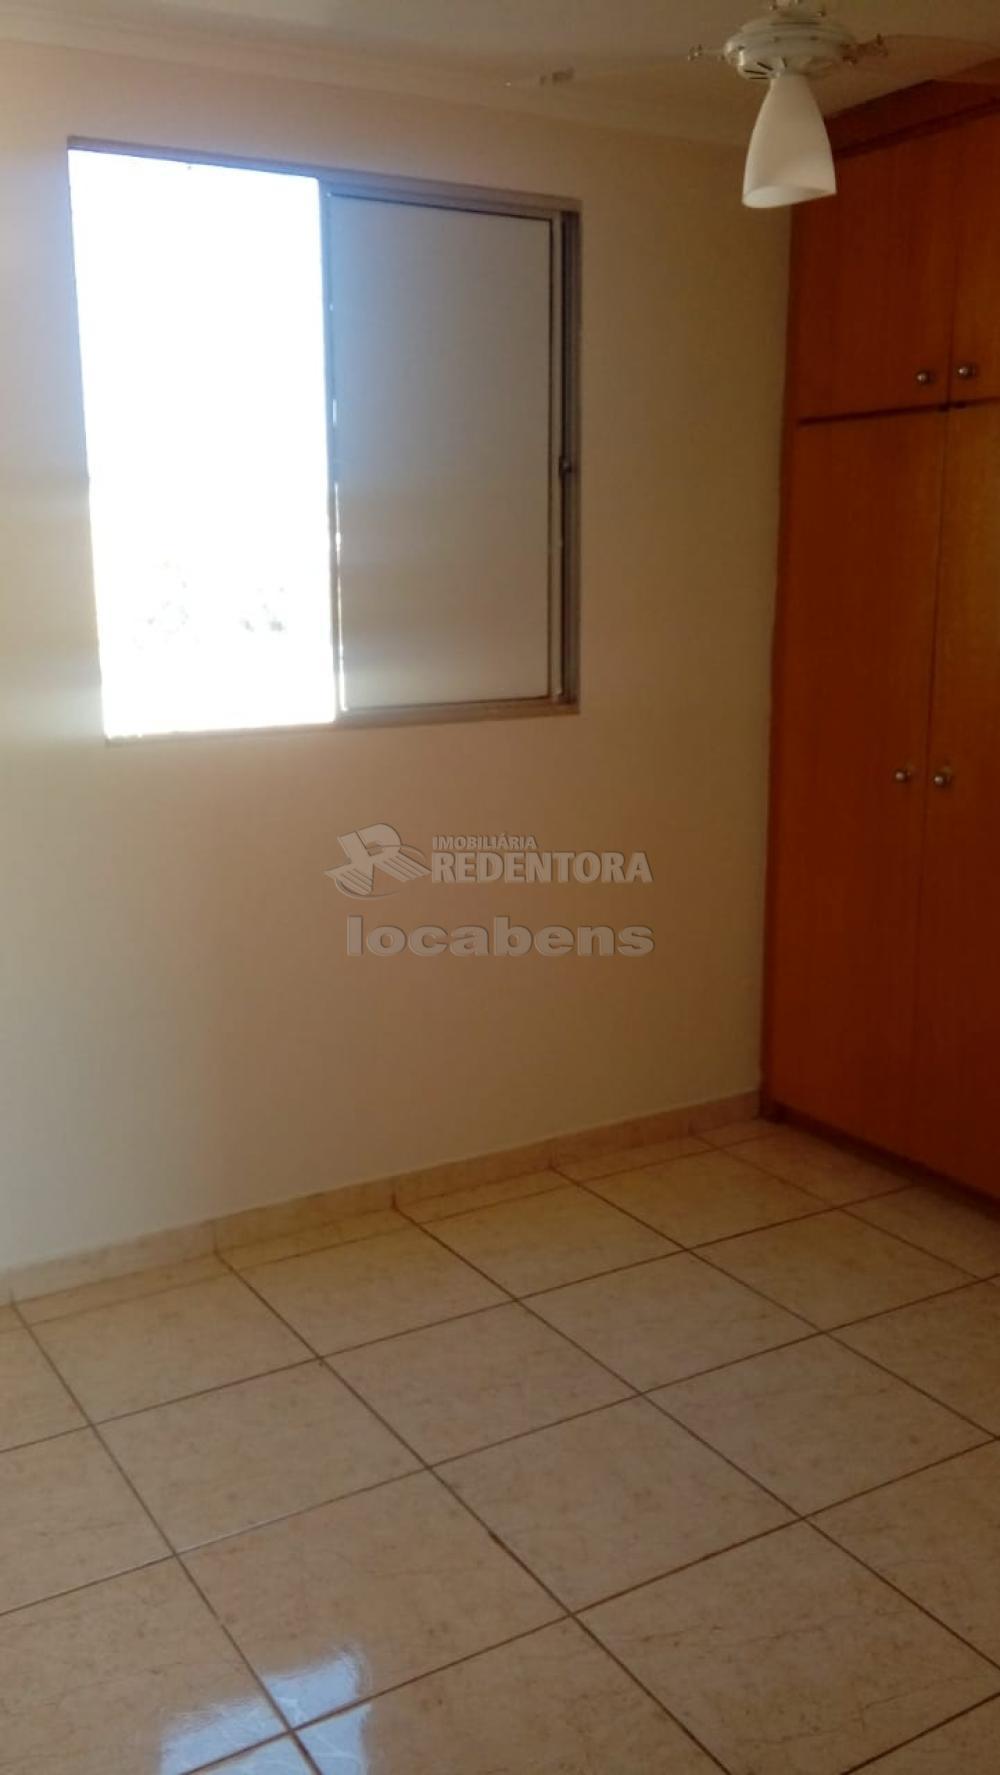 Comprar Apartamento / Padrão em São José do Rio Preto R$ 145.000,00 - Foto 6